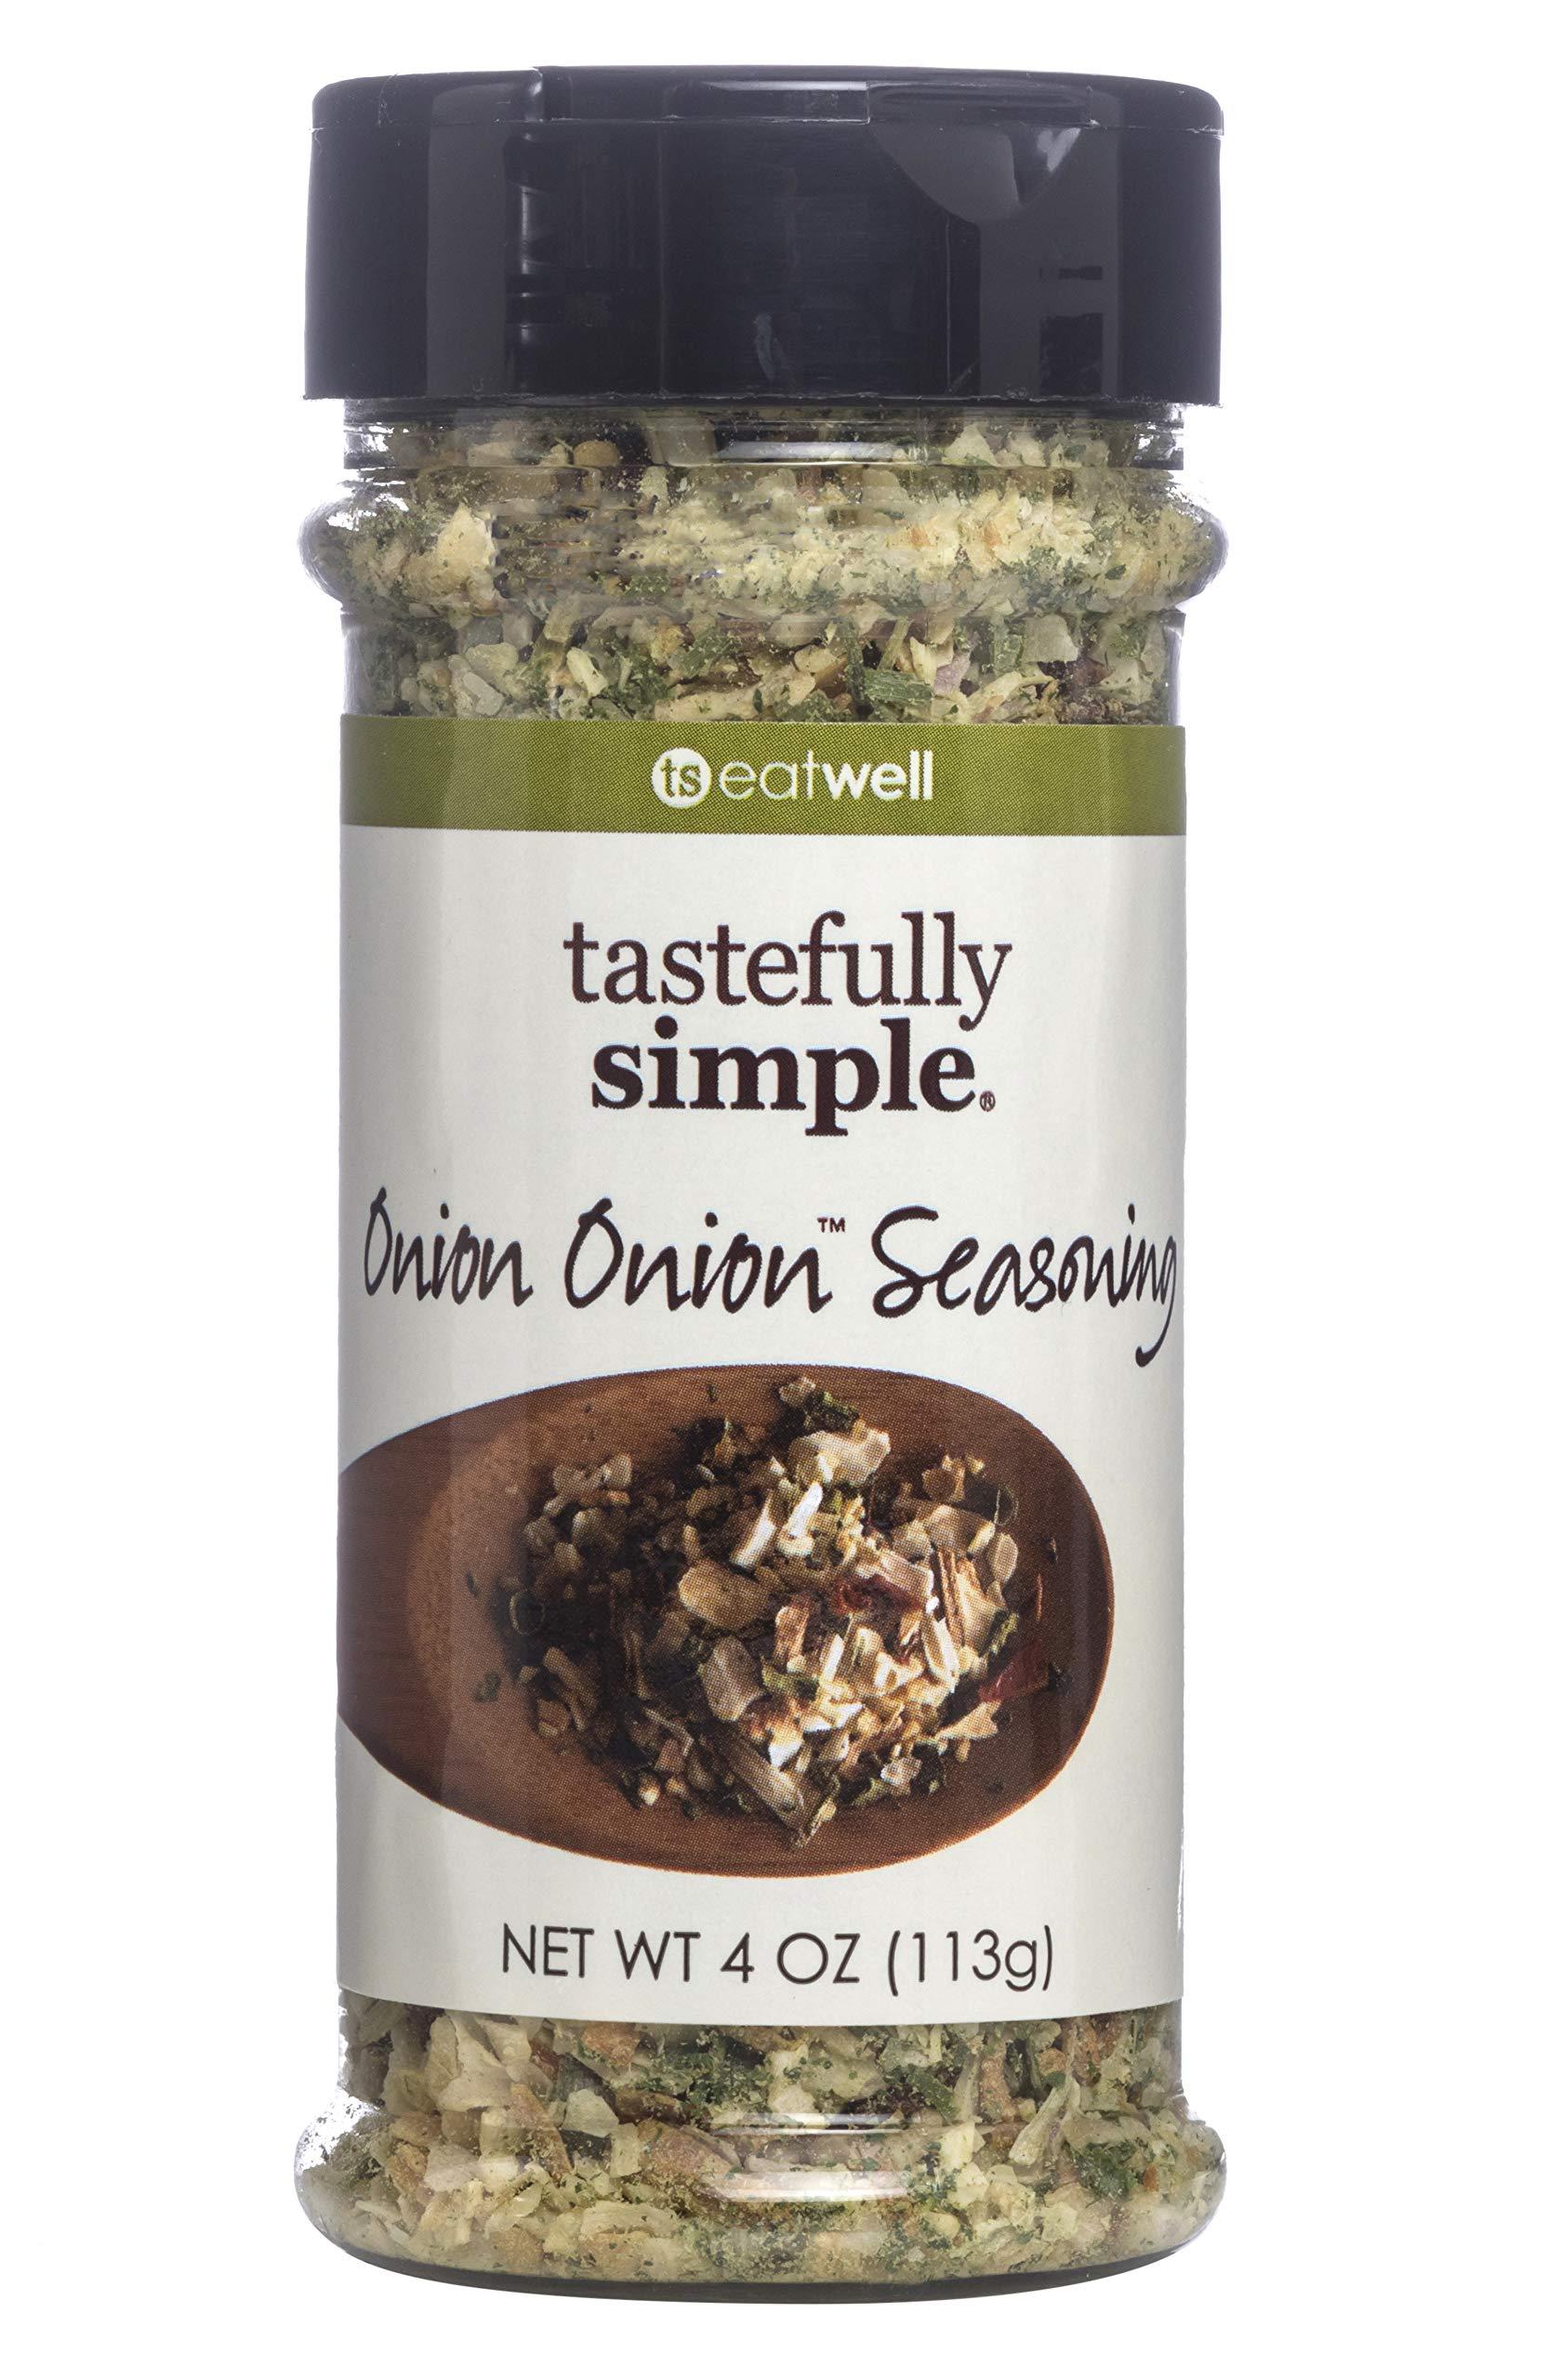 Tastefully Simple Onion Onion Seasoning